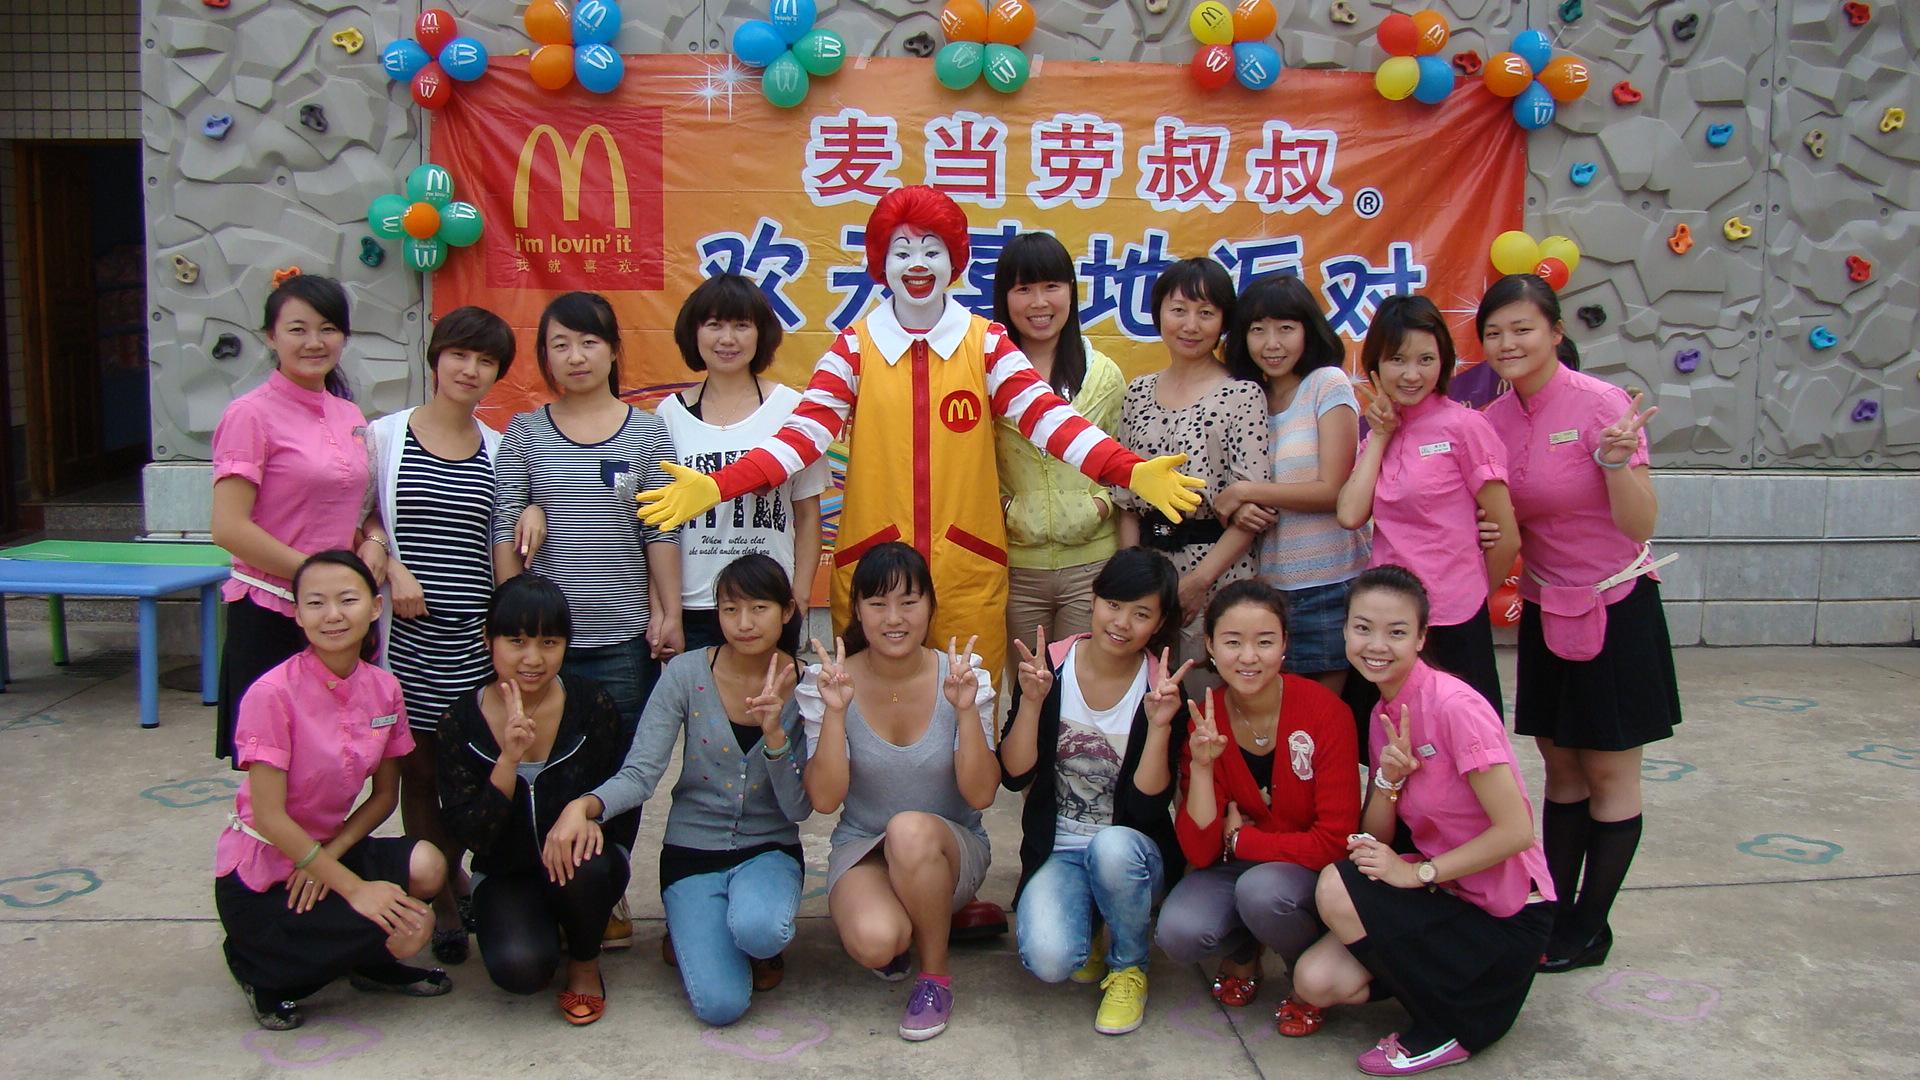 园丁风采-广州市海珠区东晓维多利亚幼儿园